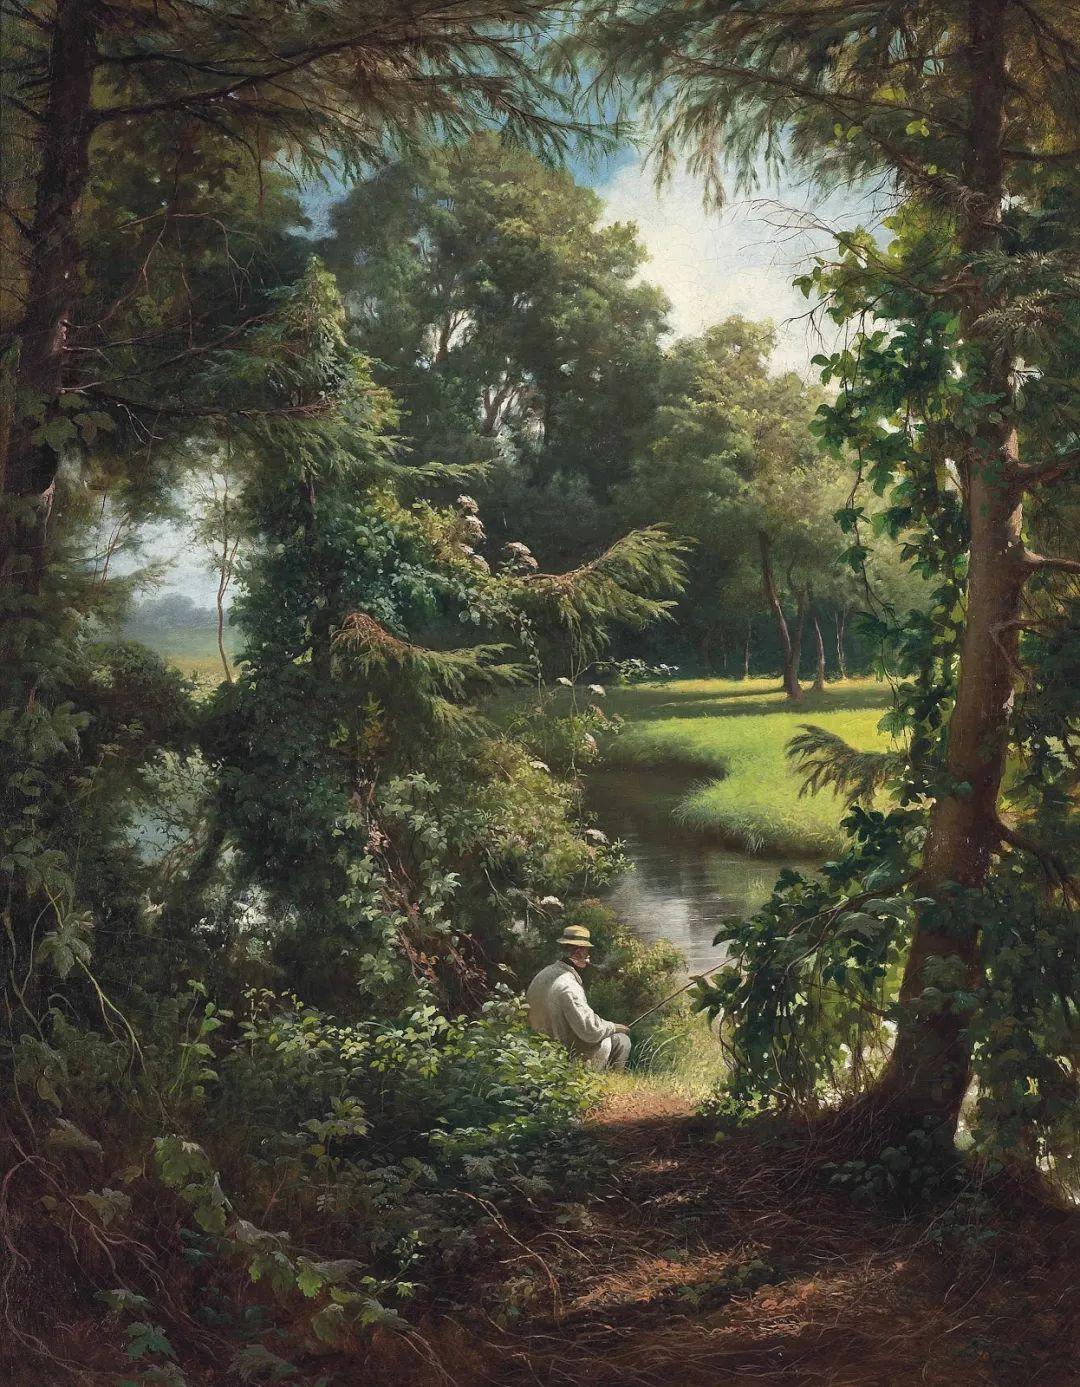 风景油画丨法国画家亨利·比瓦的风景油画作品插图33